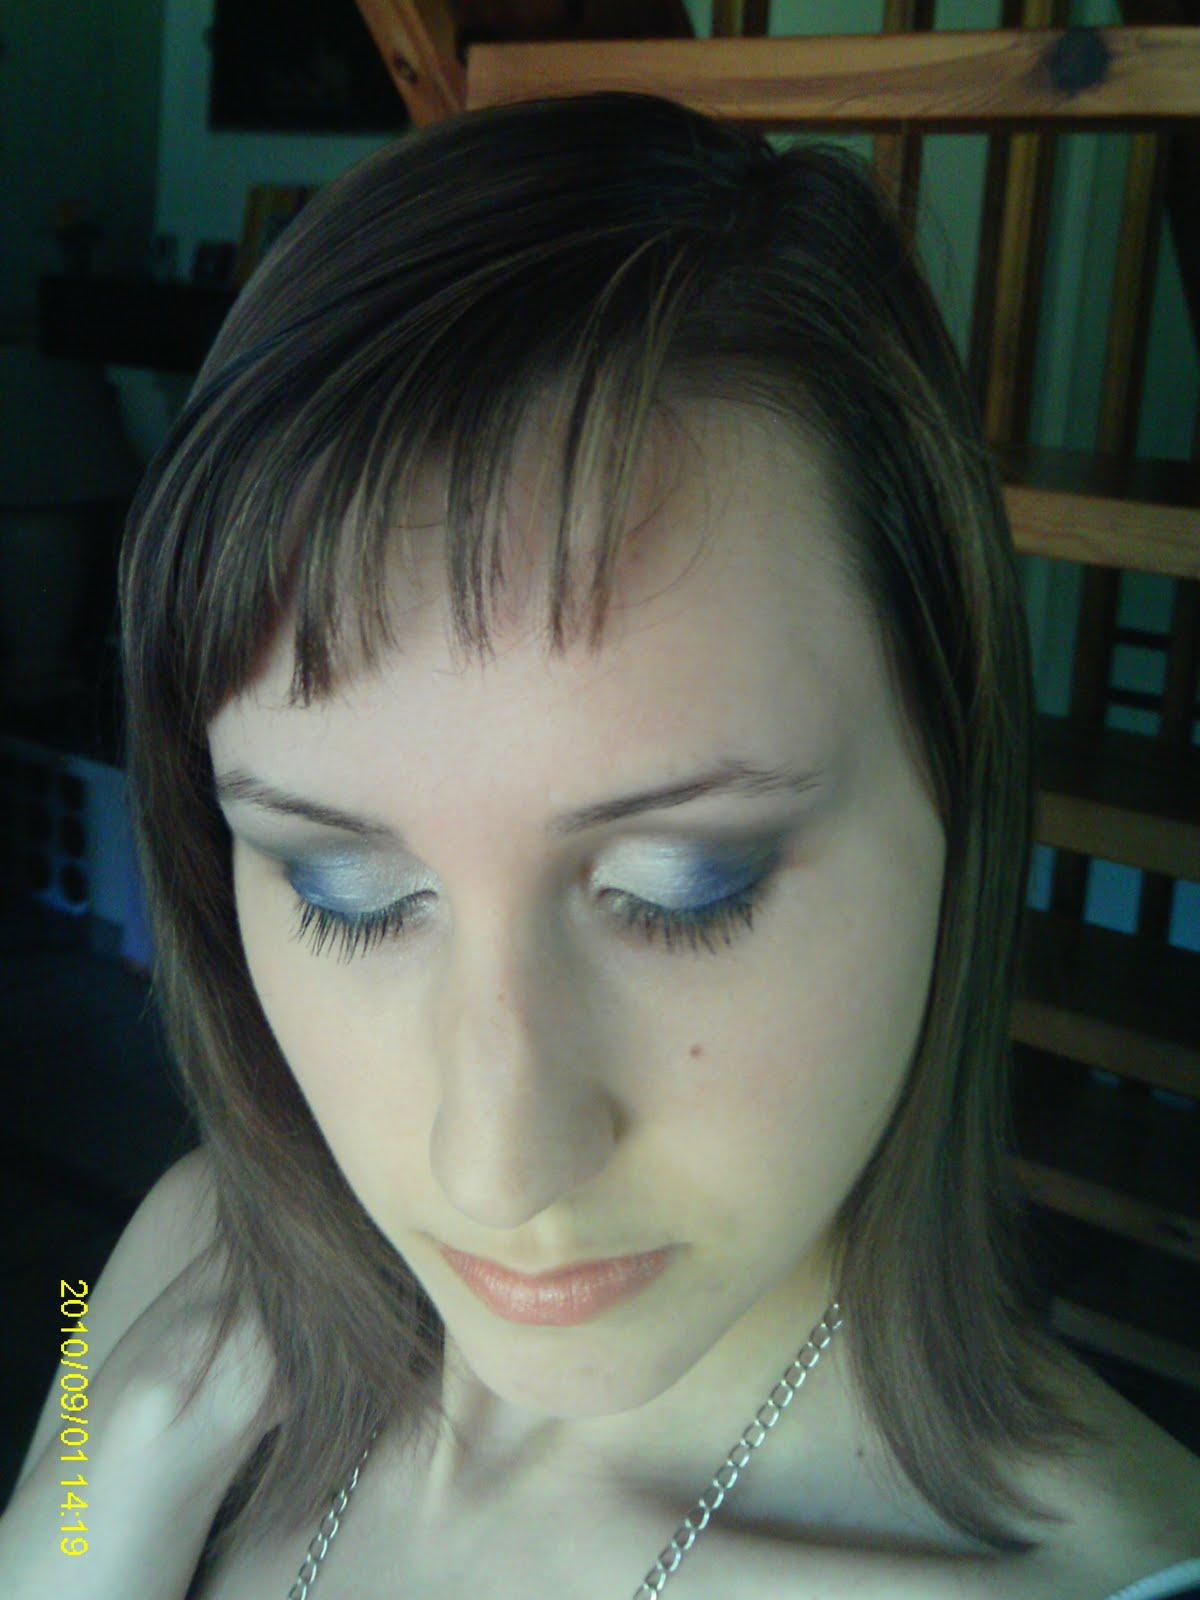 http://2.bp.blogspot.com/_9k42KqT4d00/TH54tOxpCxI/AAAAAAAAAt0/K_txQYUDfkg/s1600/Lili+1.jpg